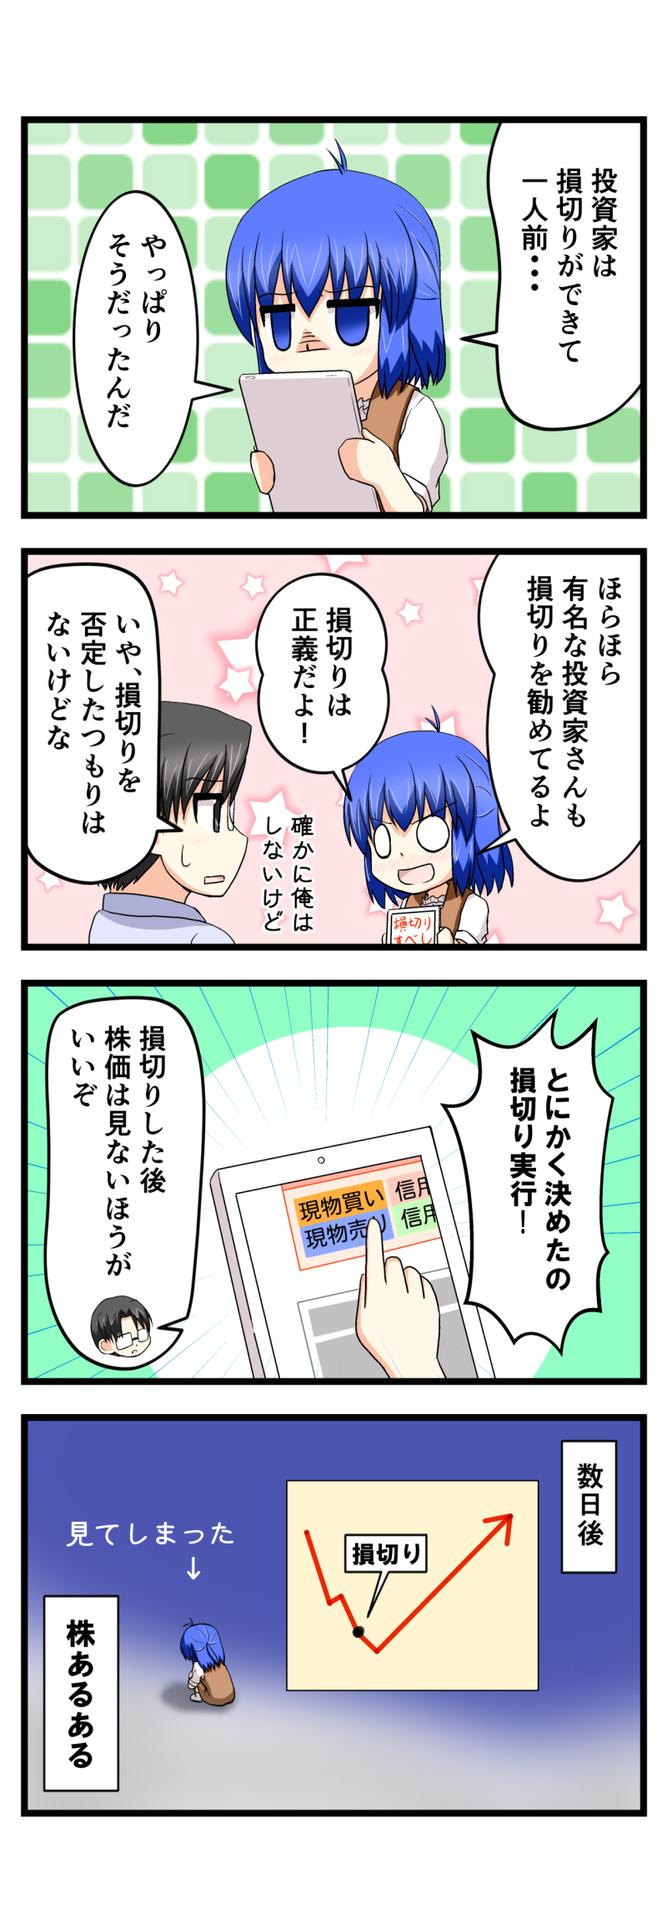 萌える株セミナー80.jpg